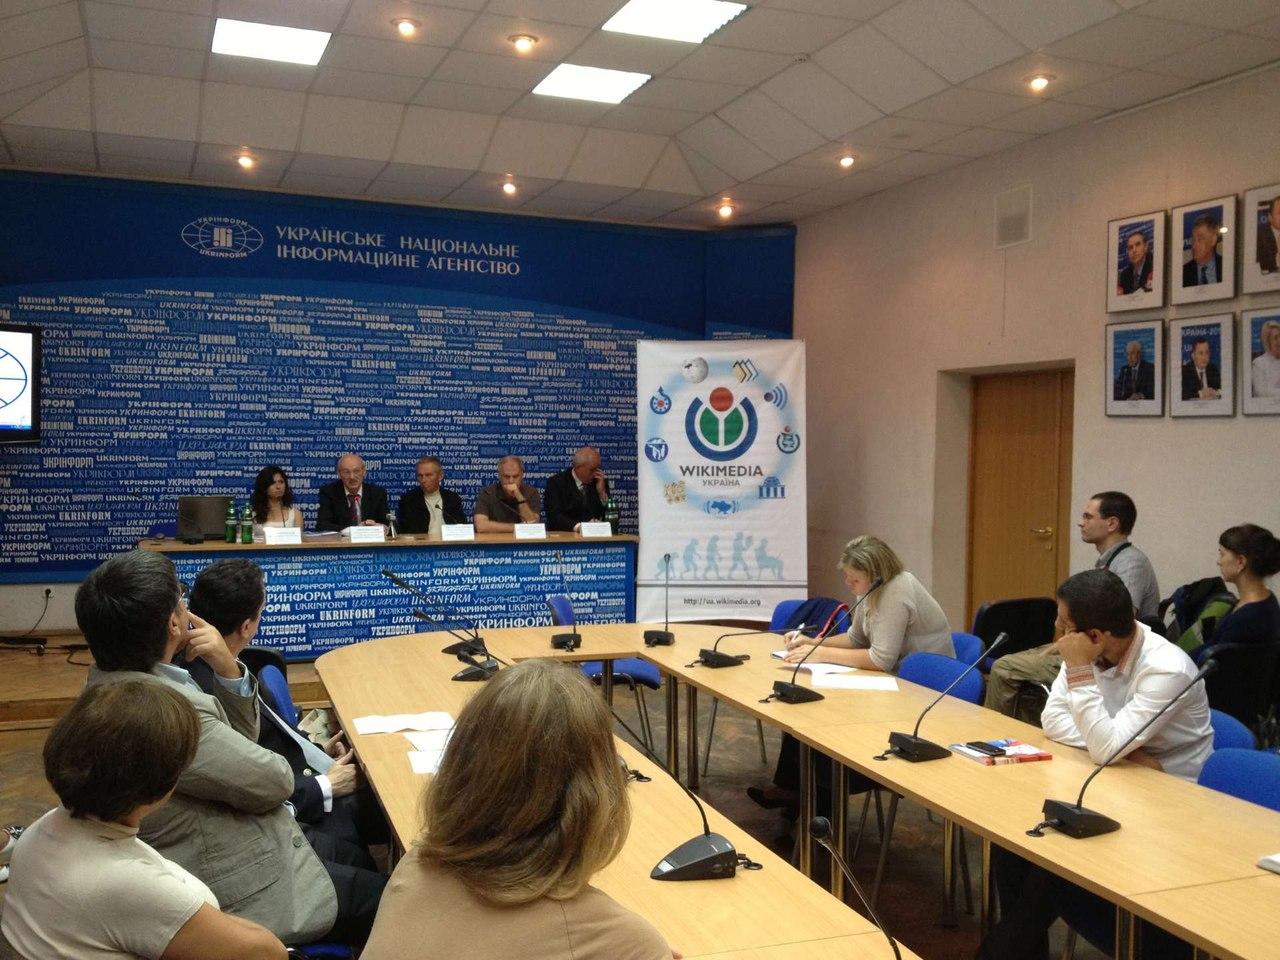 Пресс-конференция в УКРИНФОРМ, 29 августа.